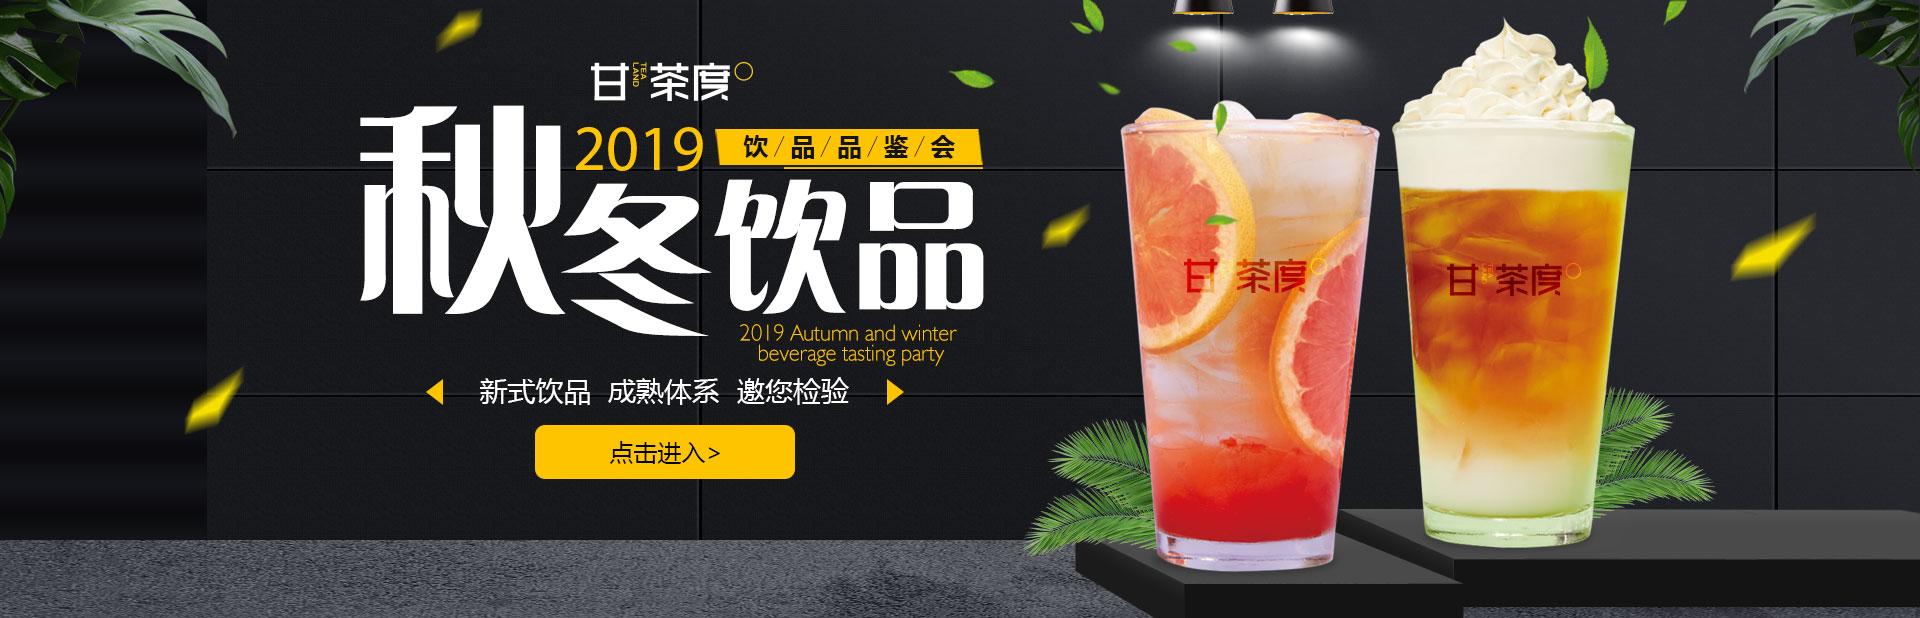 甘茶度2019冬季新品